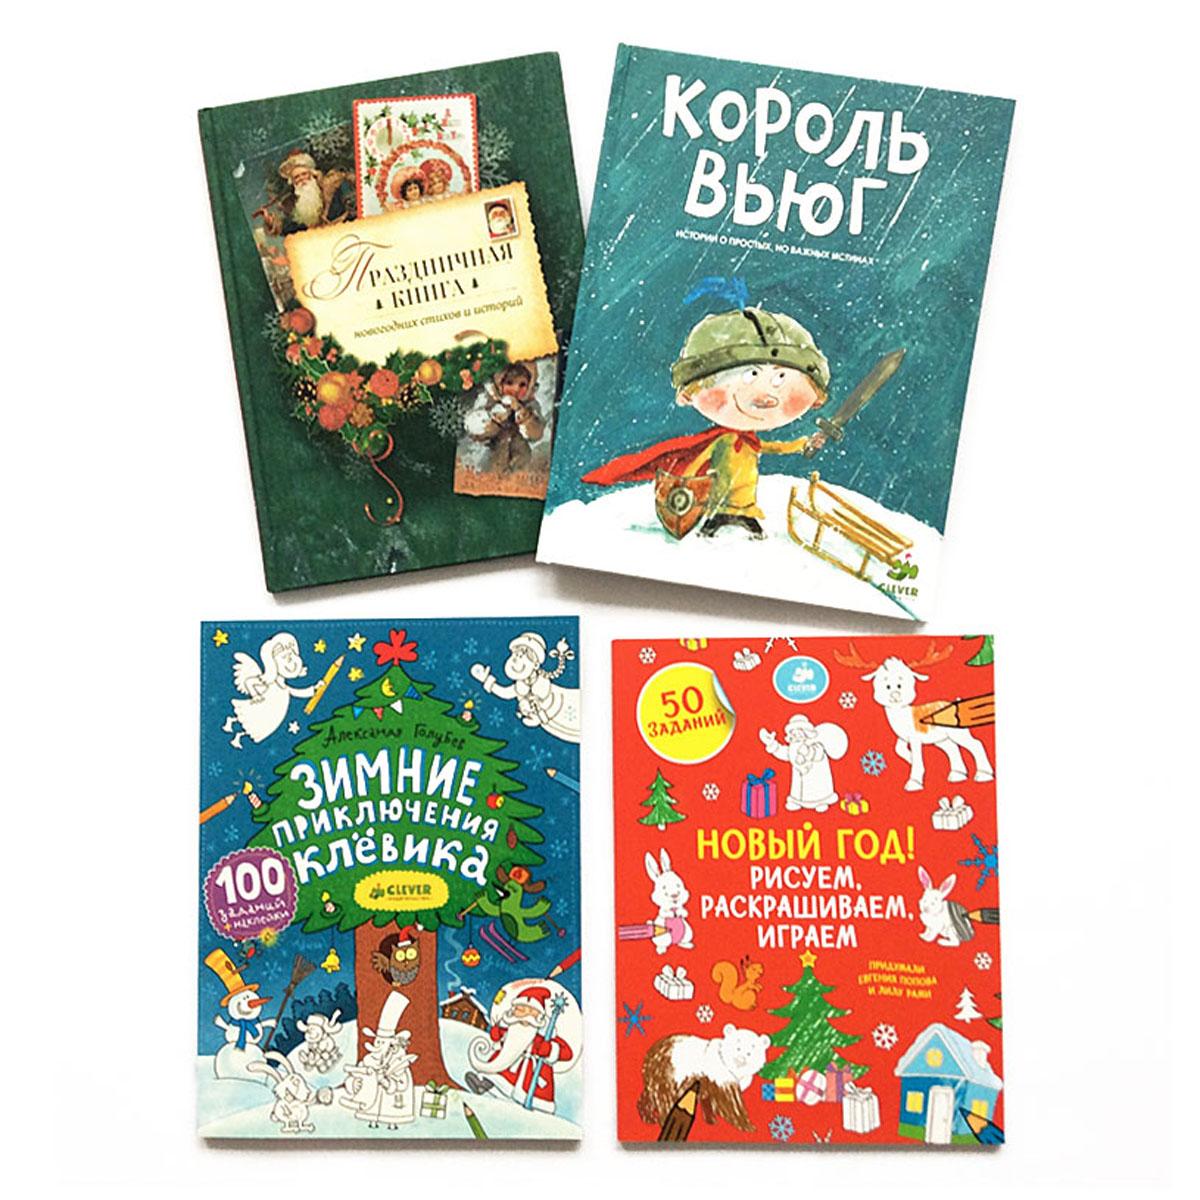 С Новым годом! Новогодний подарок для мальчика (комплект из 4 книг)